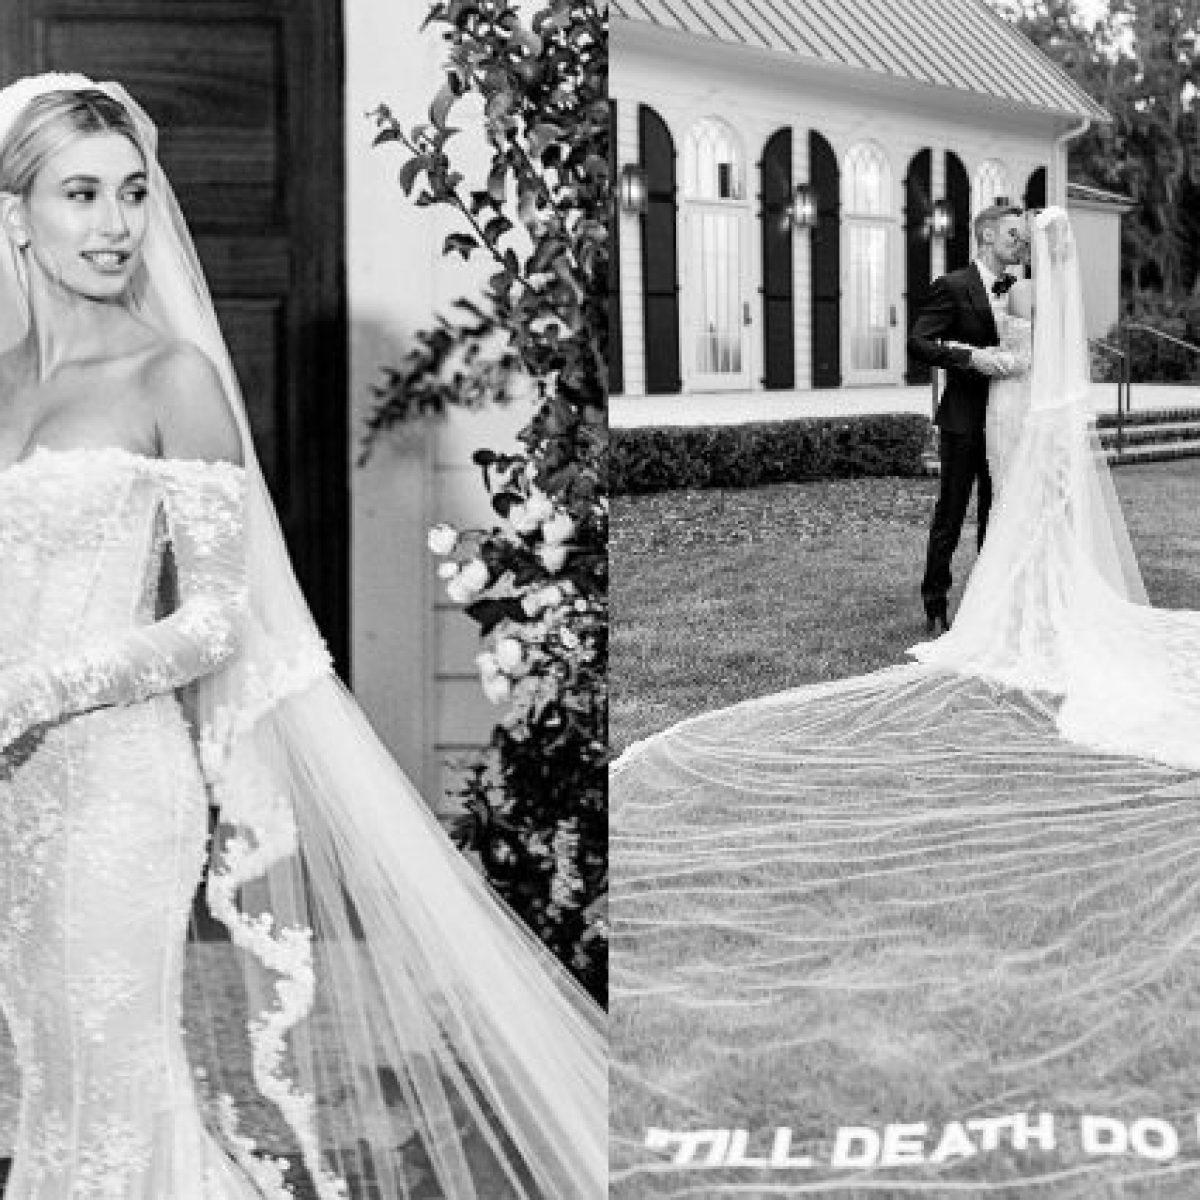 Hailey Baldwin svela il terzo abito da sposa, sul velo c'è